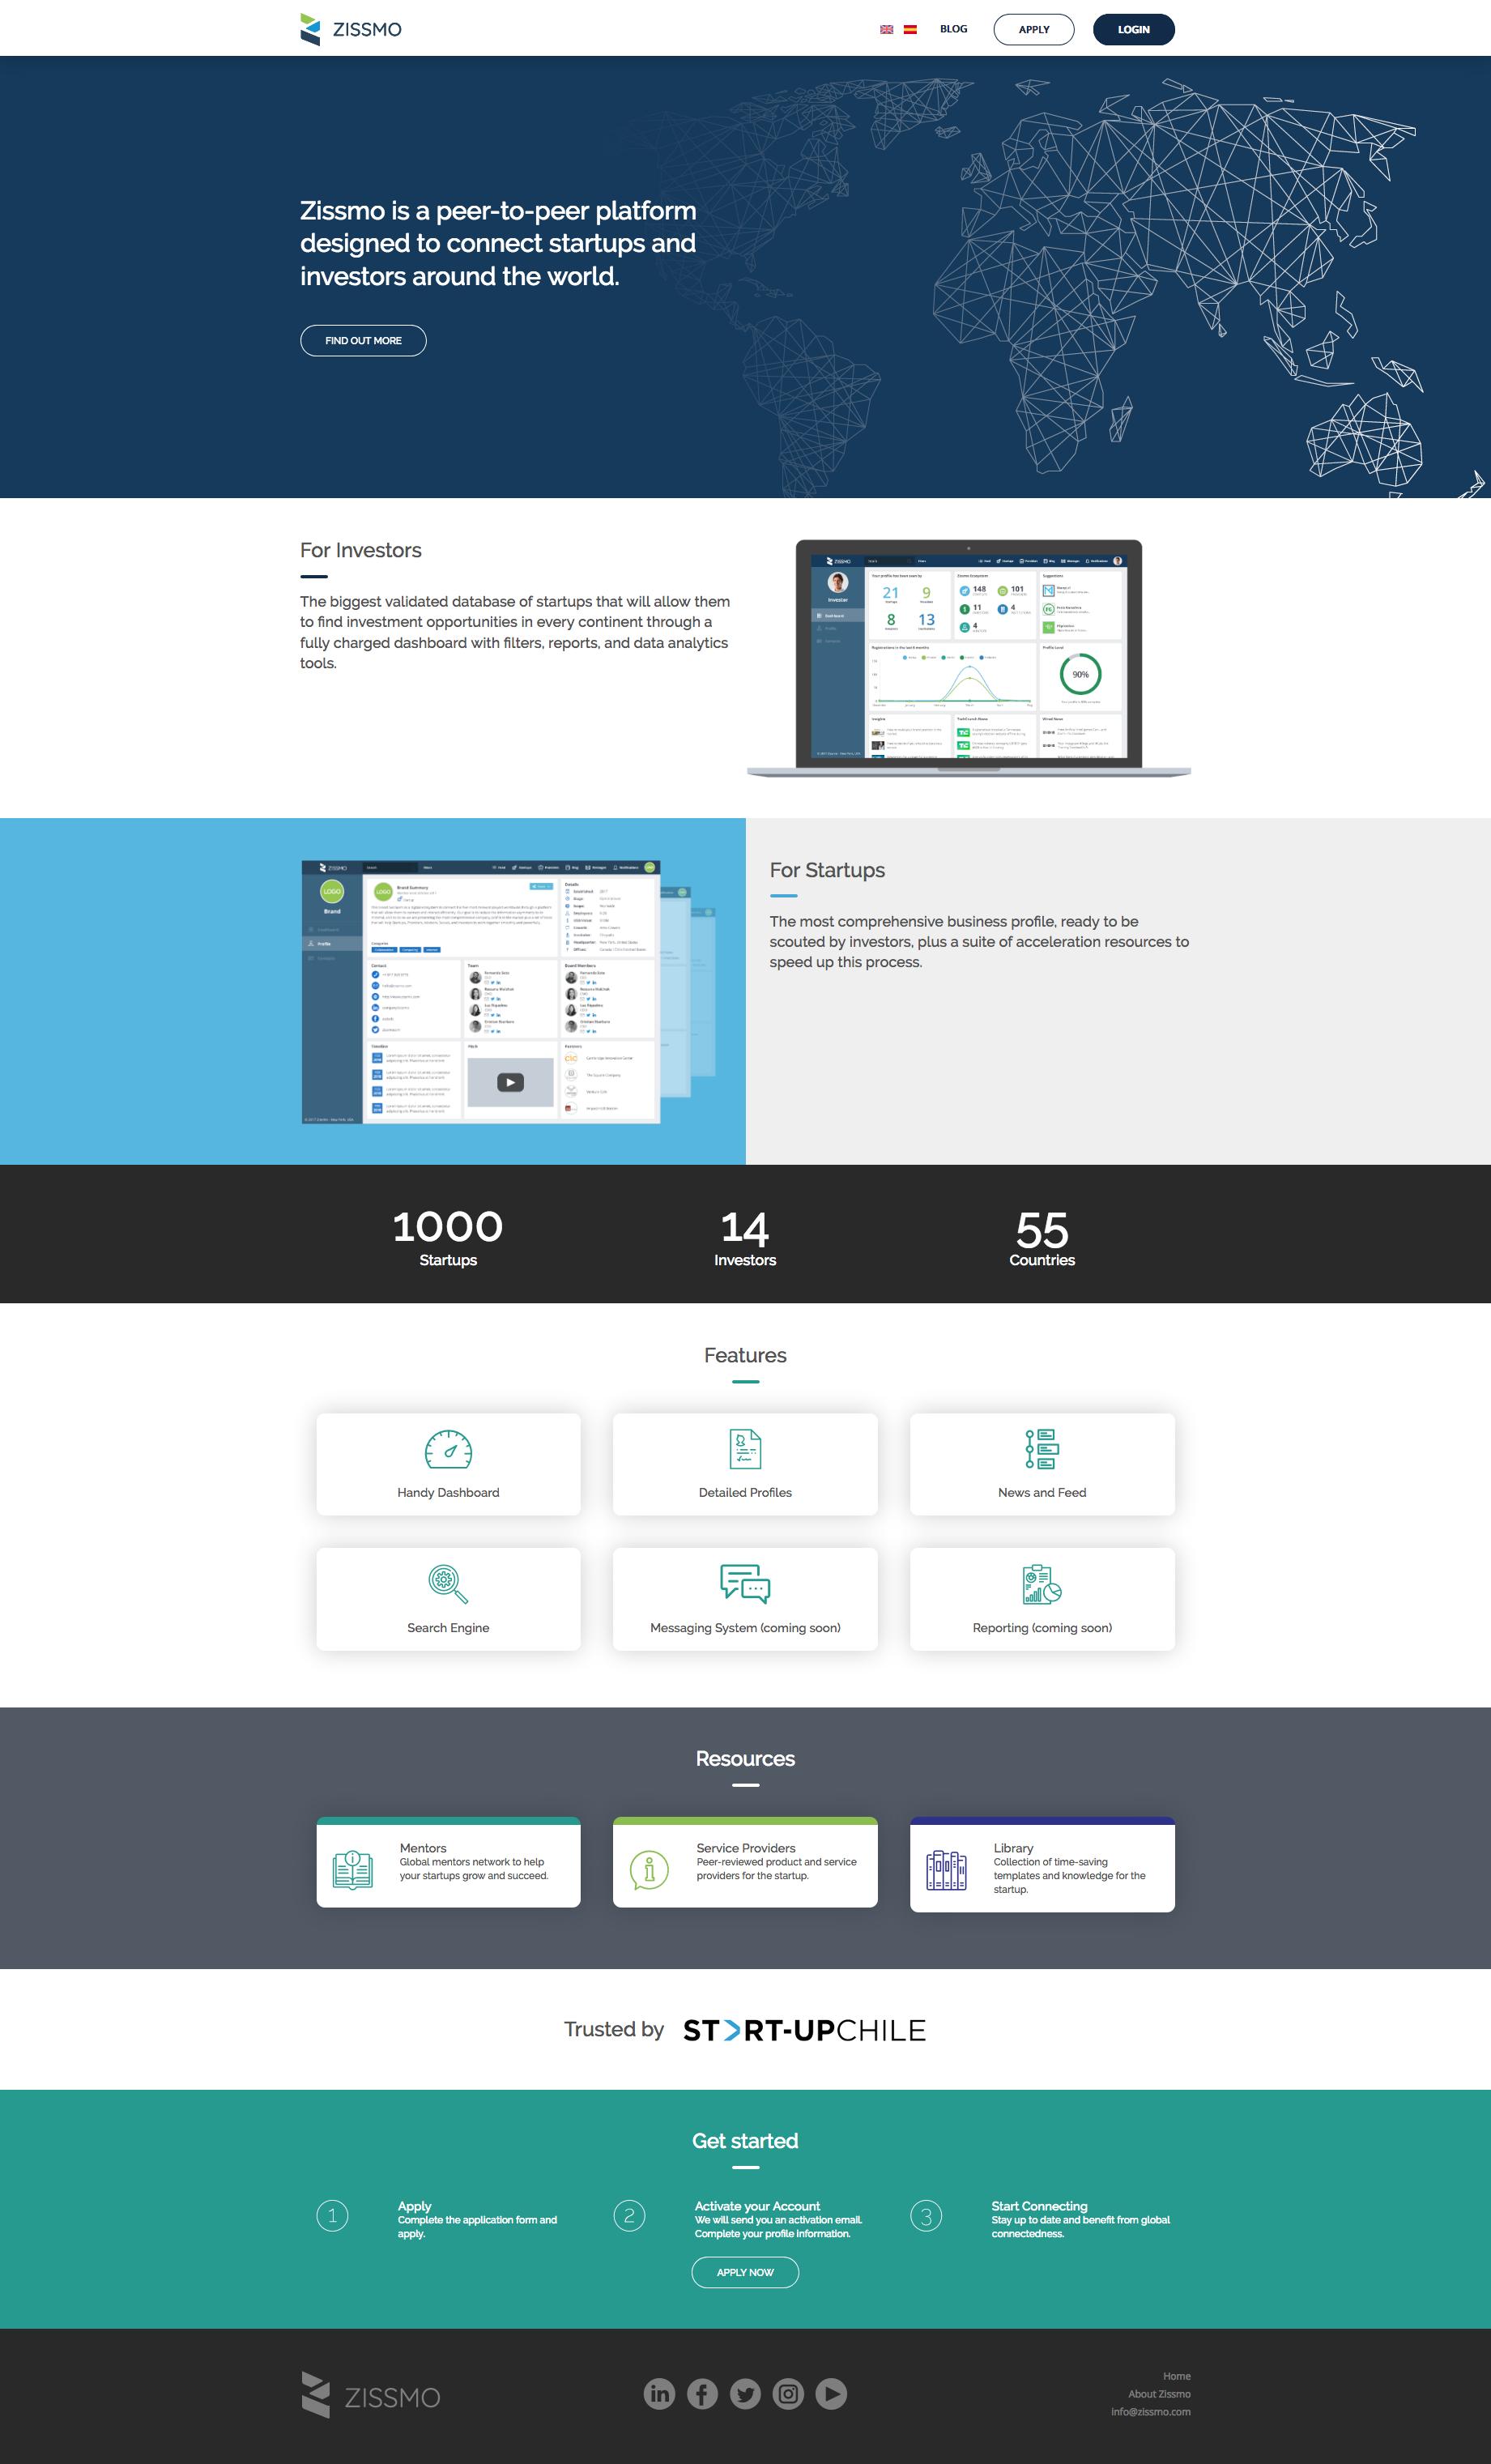 Screenshot-2018-6-23 Zissmo - Online Entrepreneurial Ecosystem